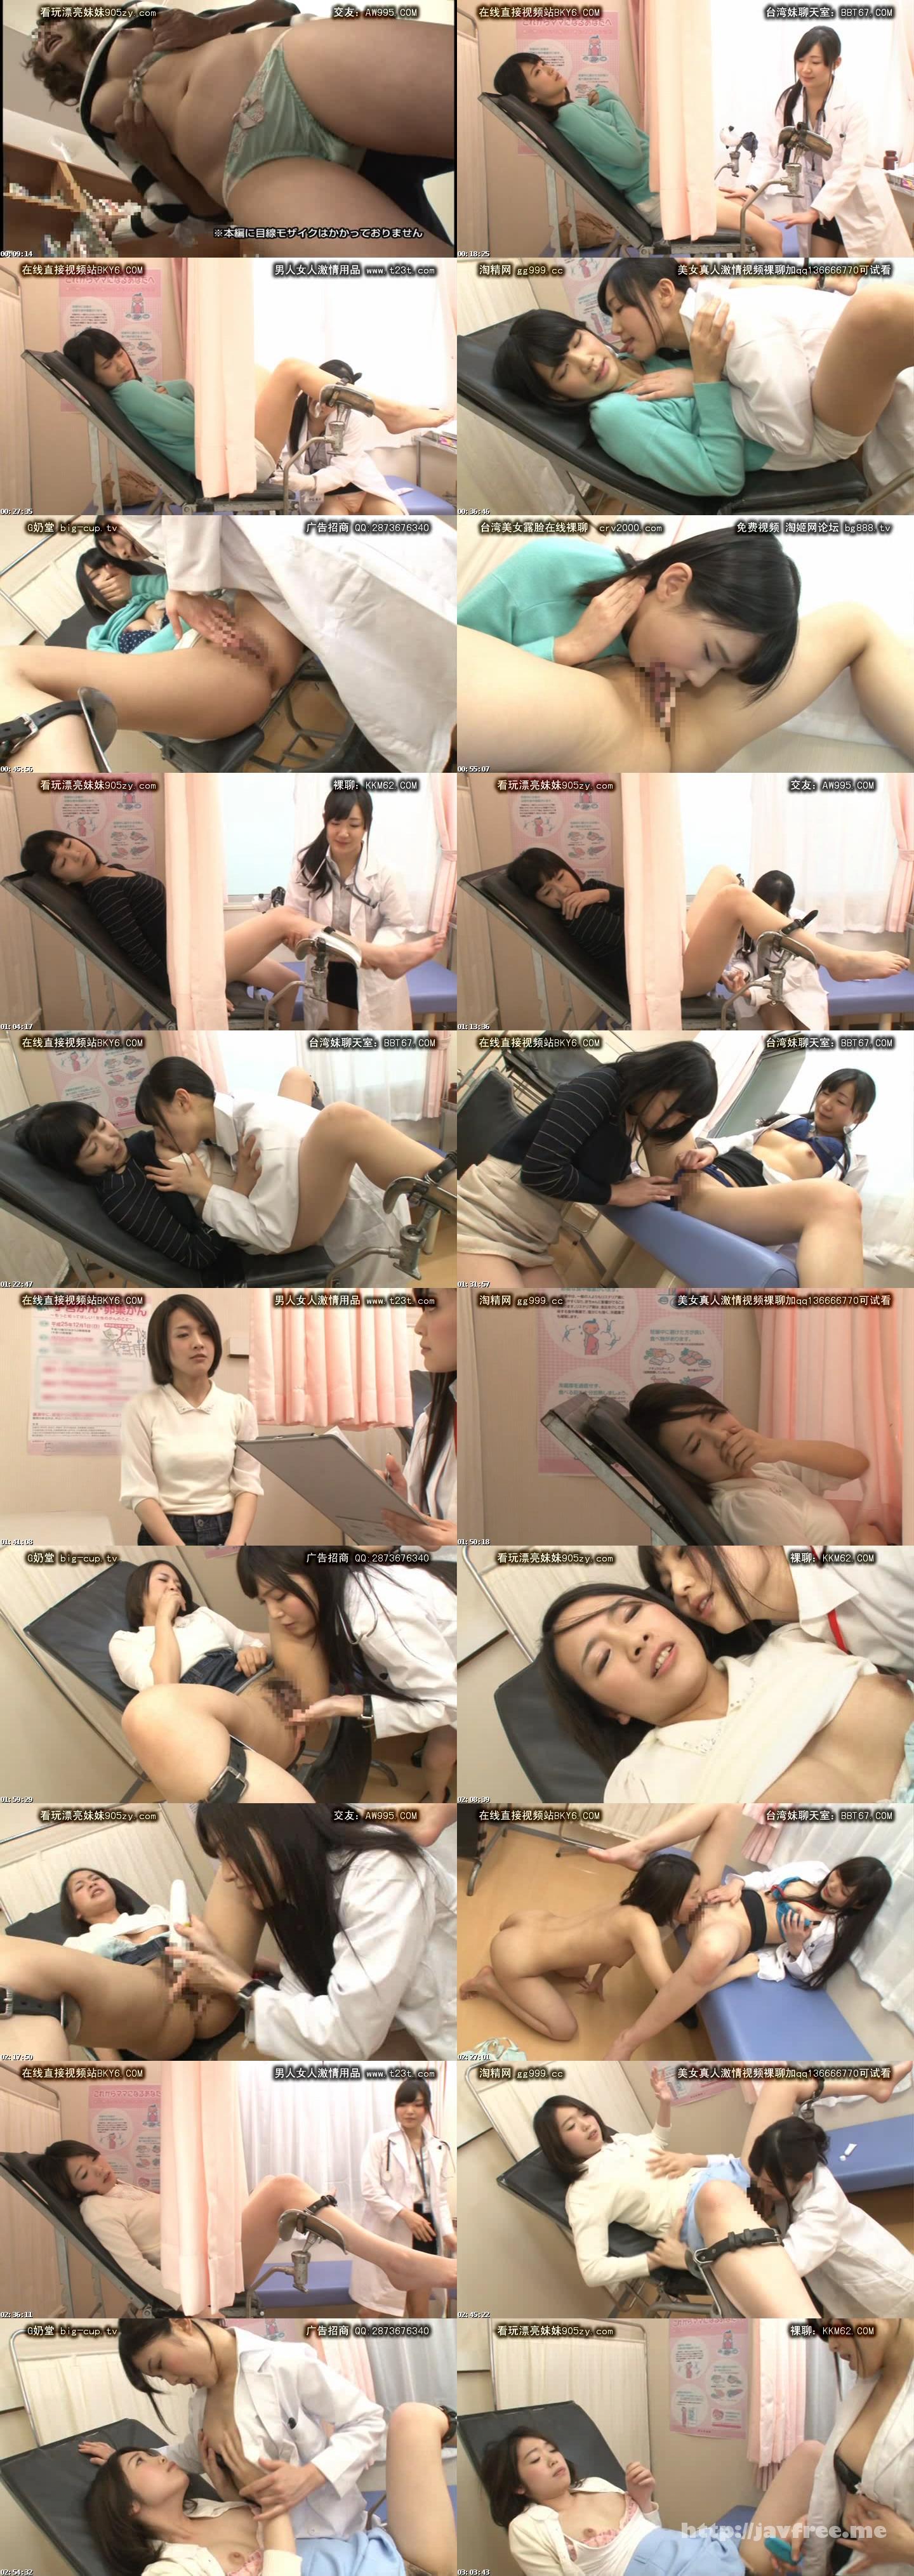 [AP 228] 婦人科レズ痴漢 婦人科で女医をしている私は分娩台に乗った患者の丸見えオマ○コをじっくり観察しながら触診のフリをして痴漢しまくり、思わず濡れてしまうウブな患者を犯しまくっています! AP